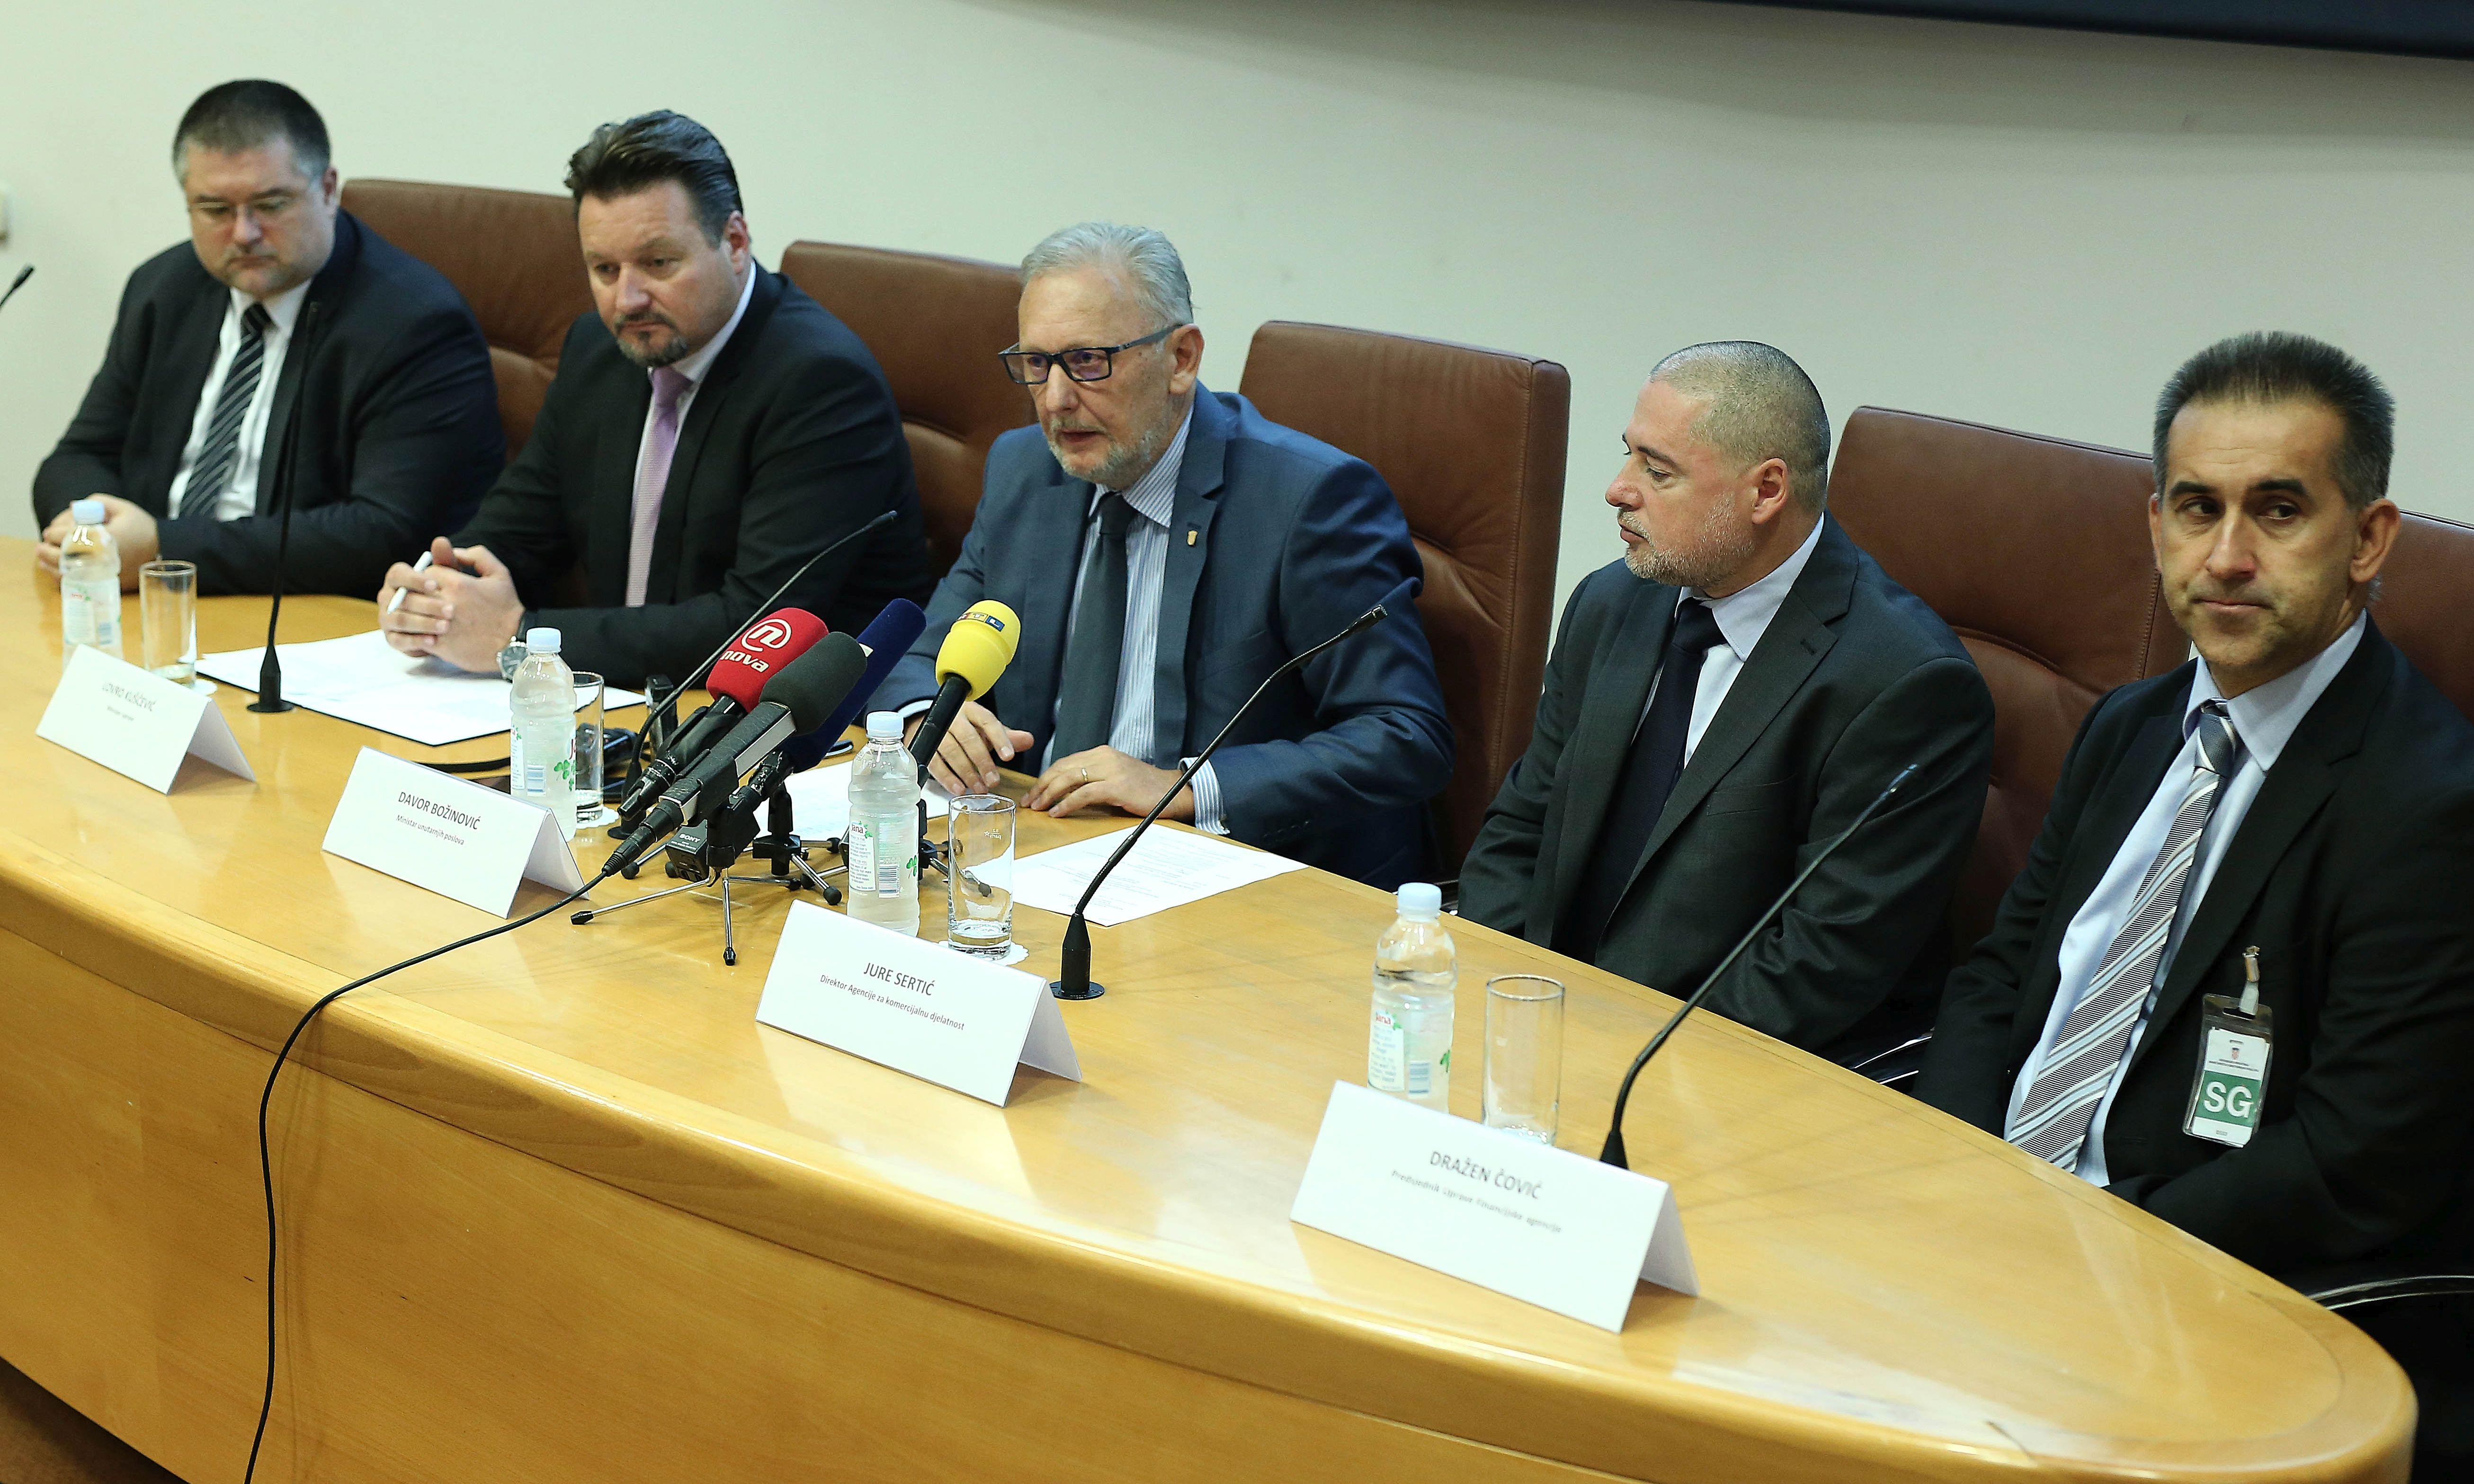 Usluge u sustavu e-Građani smanjit će gužve na šalterima